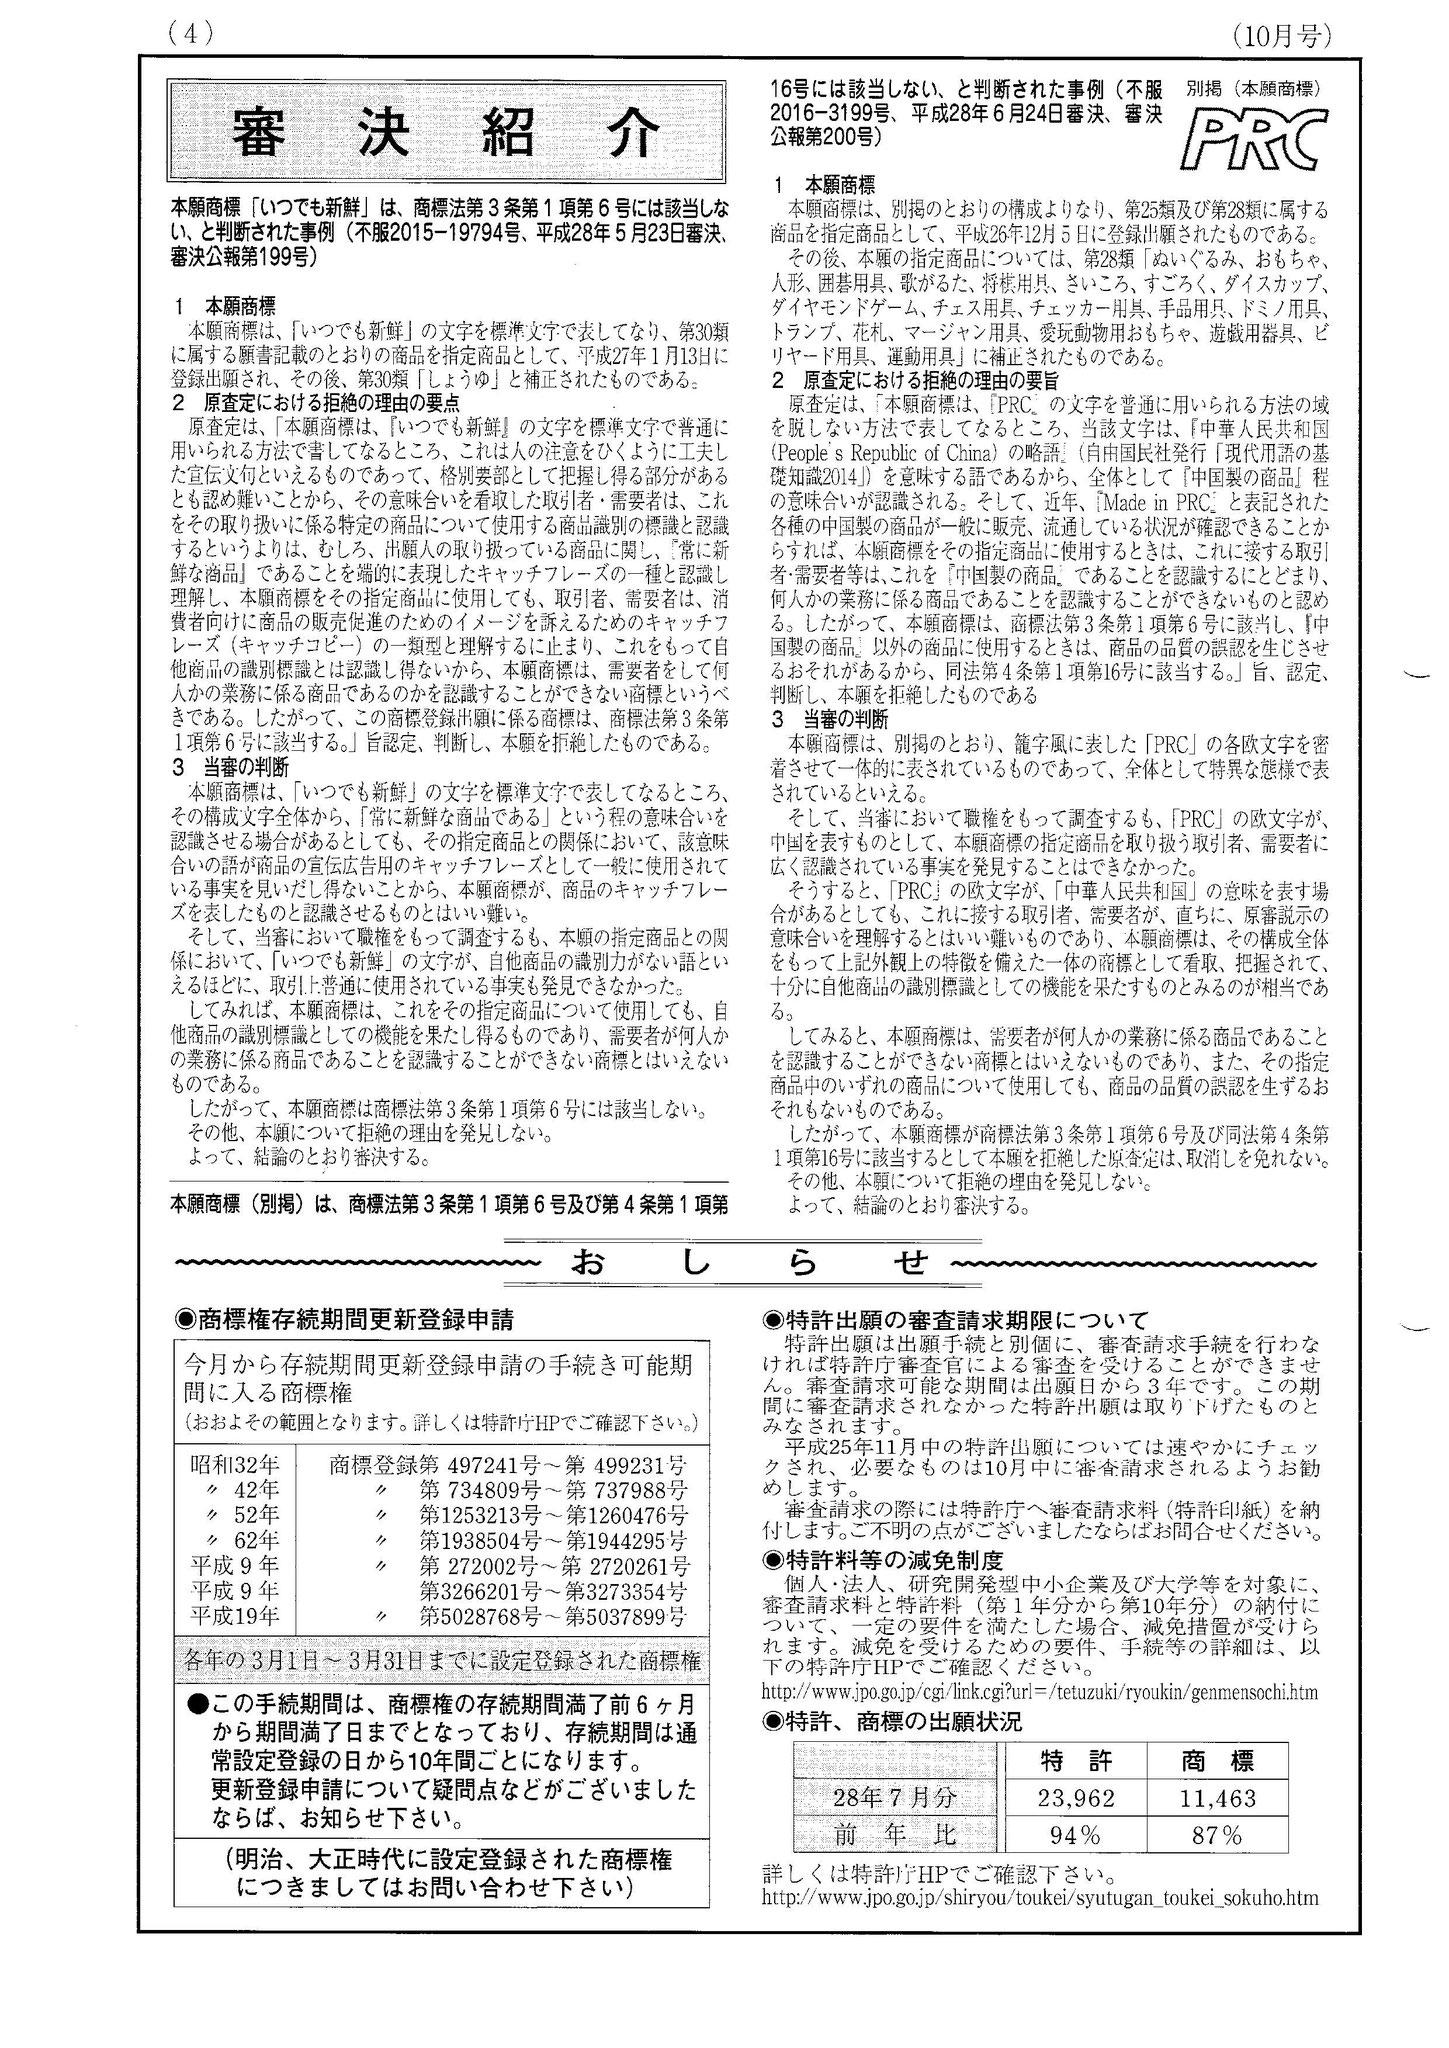 知財サービス 最新ニュース4